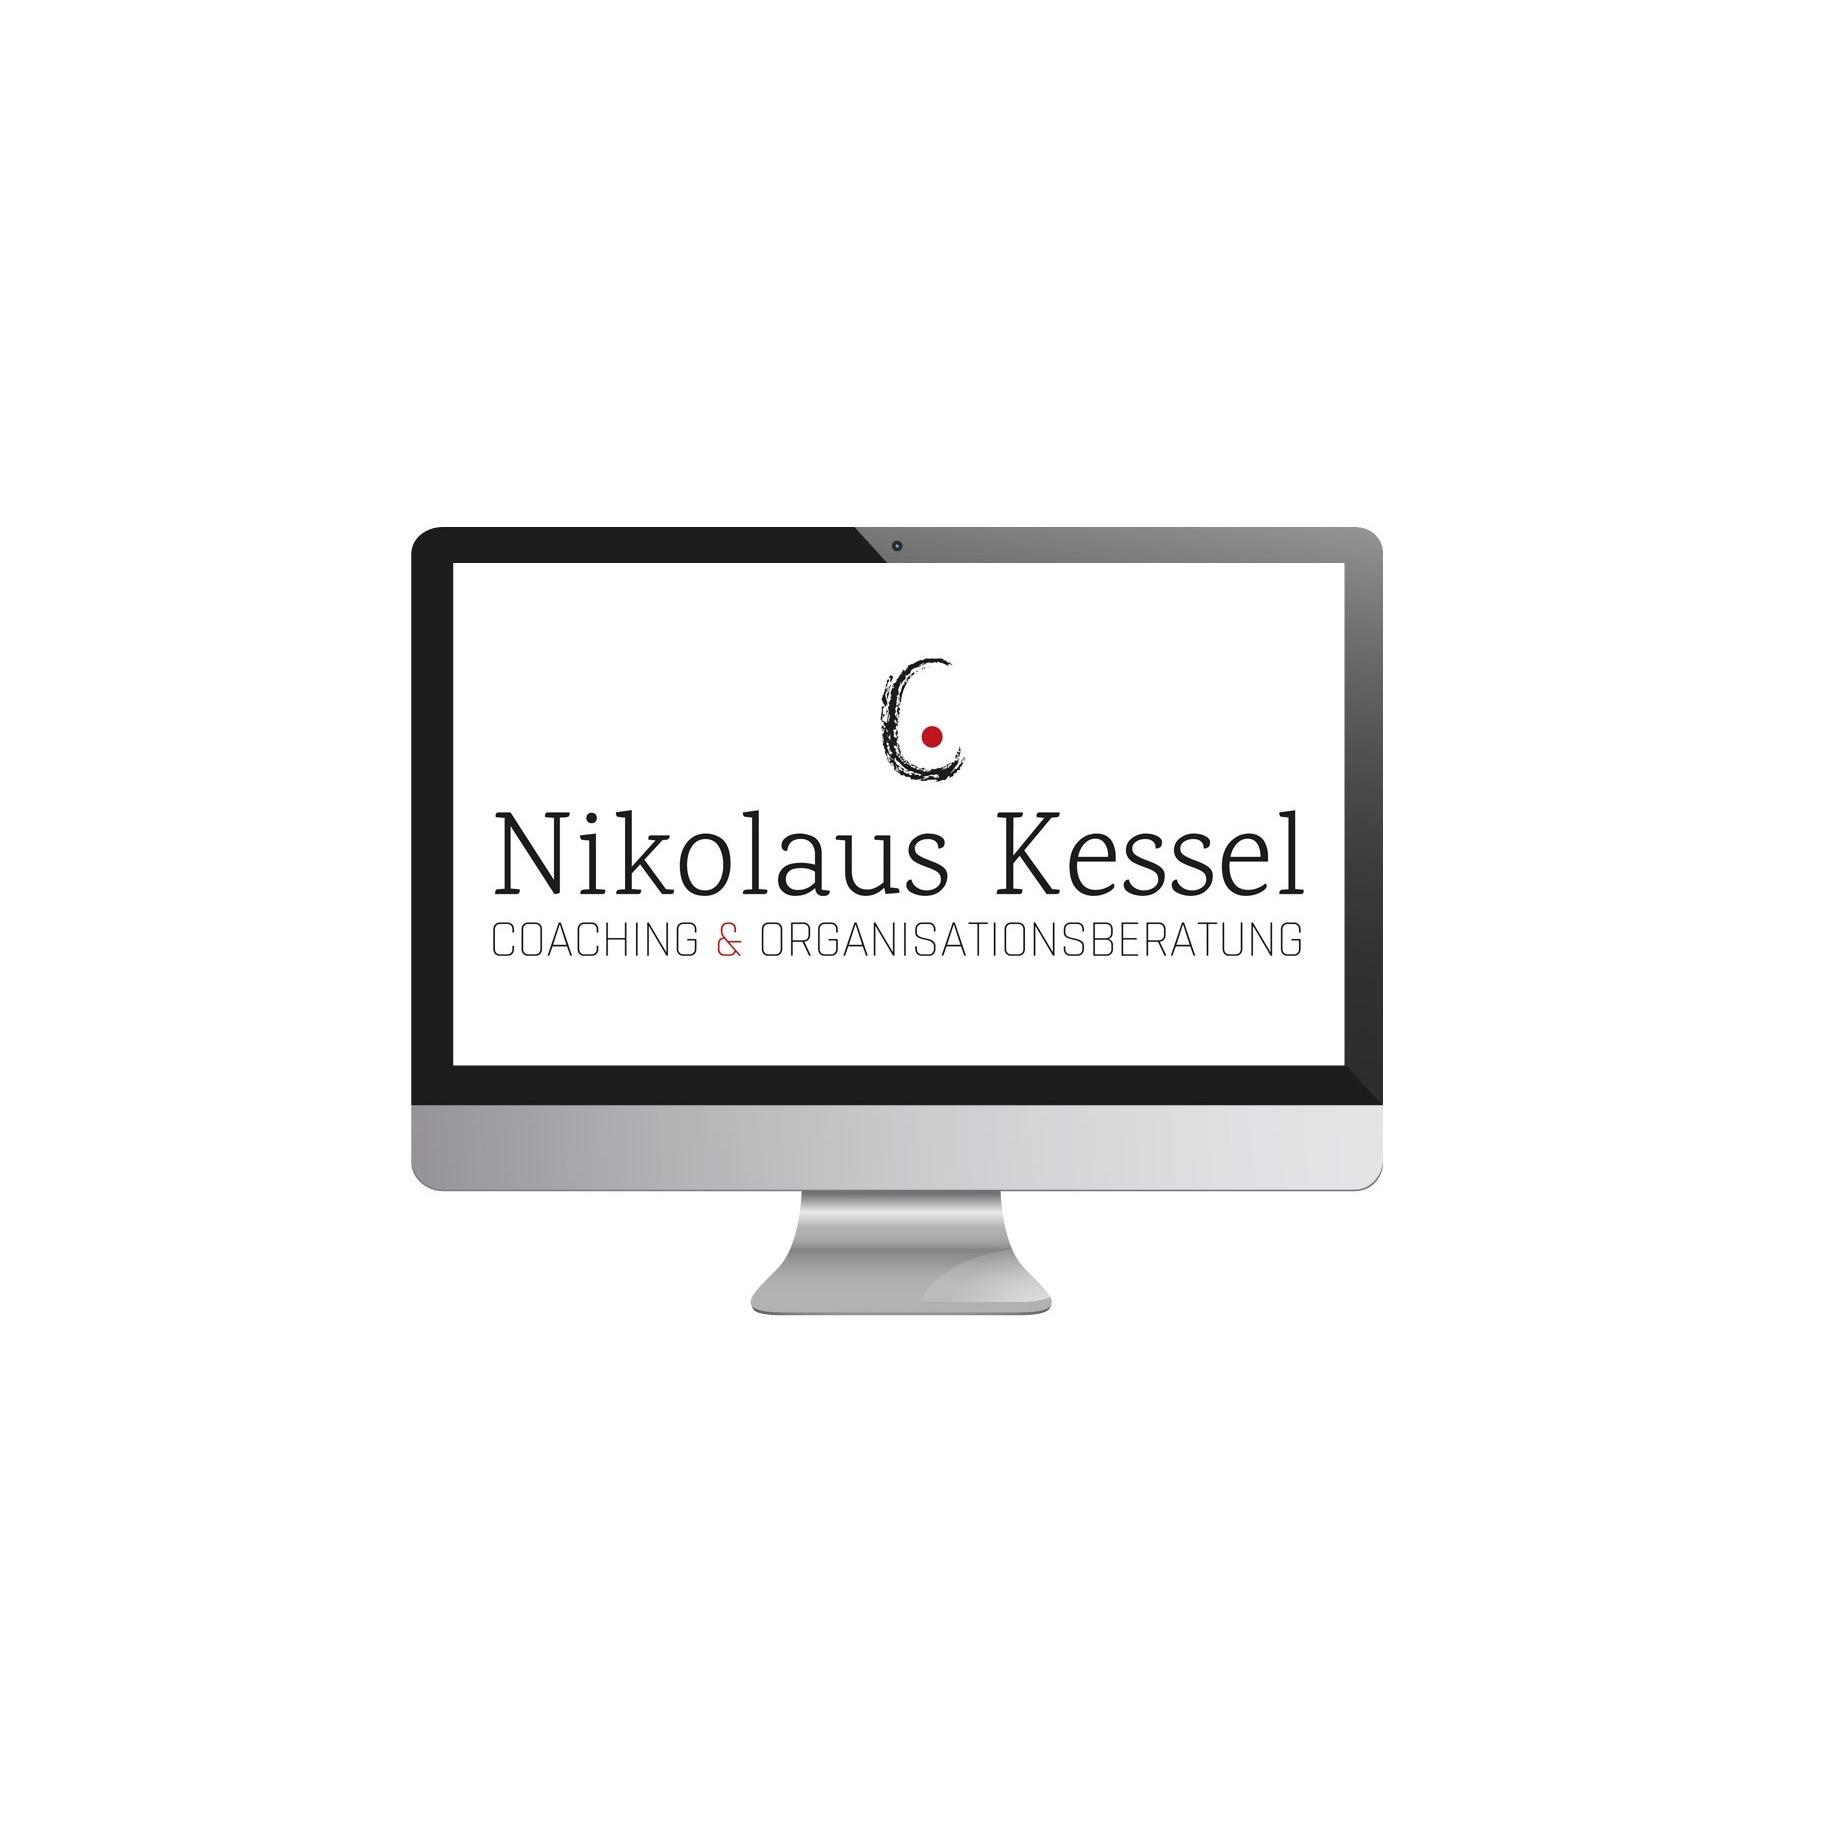 logodesign-freiburg-signskopie